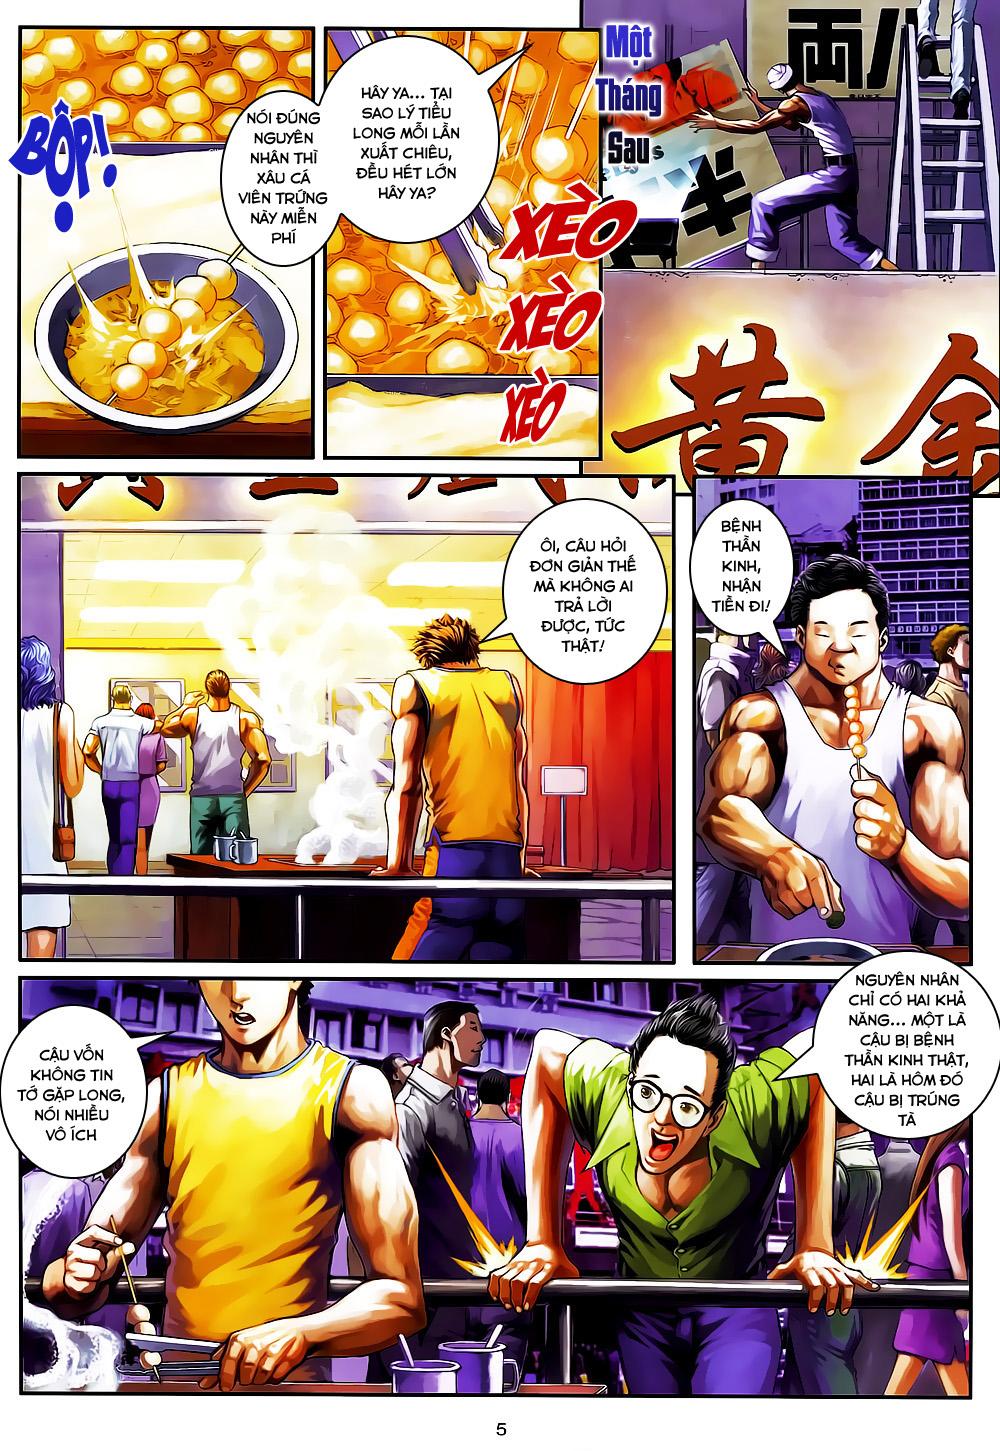 Quyền Đạo chapter 2 trang 5